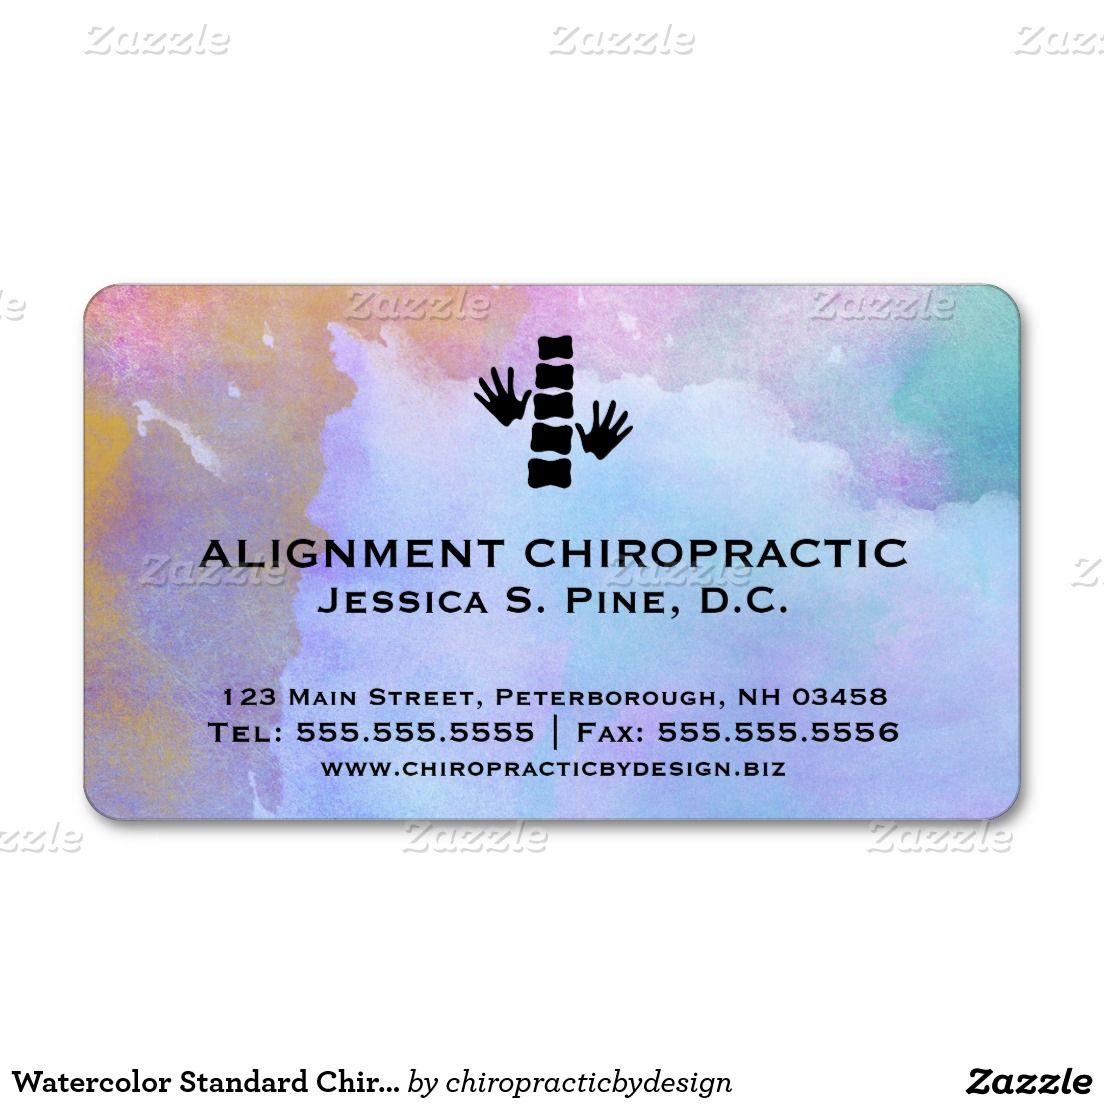 Watercolor Standard Chiropractic Business Cards Zazzle Com Cards Business Card Design Business Cards